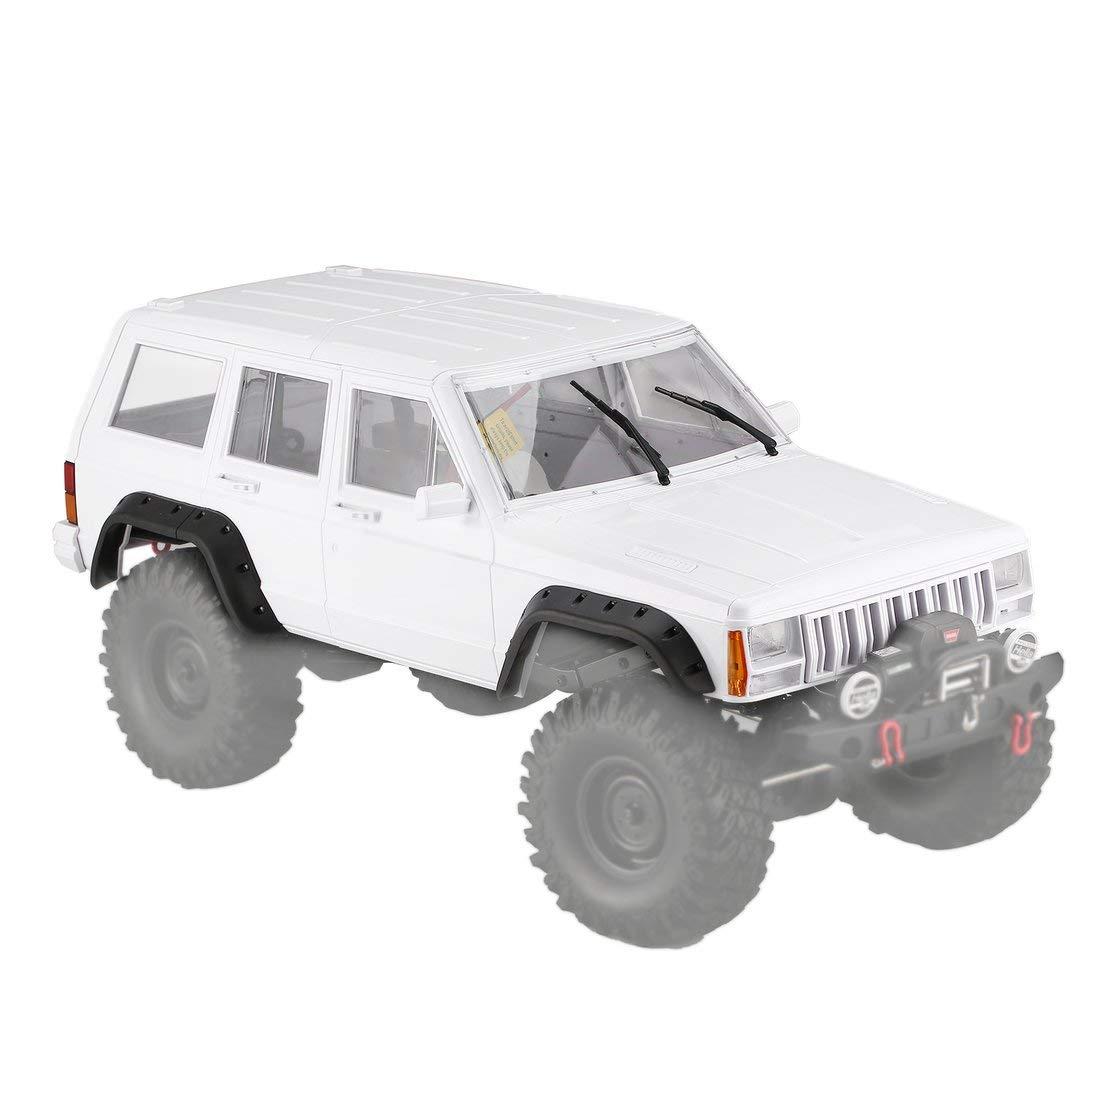 toma Barato ToGames-ES AX-313 12.3inch 12.3inch 12.3inch / 313mm Car Body Shell Kit de Bricolaje para SCX10 RC4WD Rastreador RC axial  varios tamaños